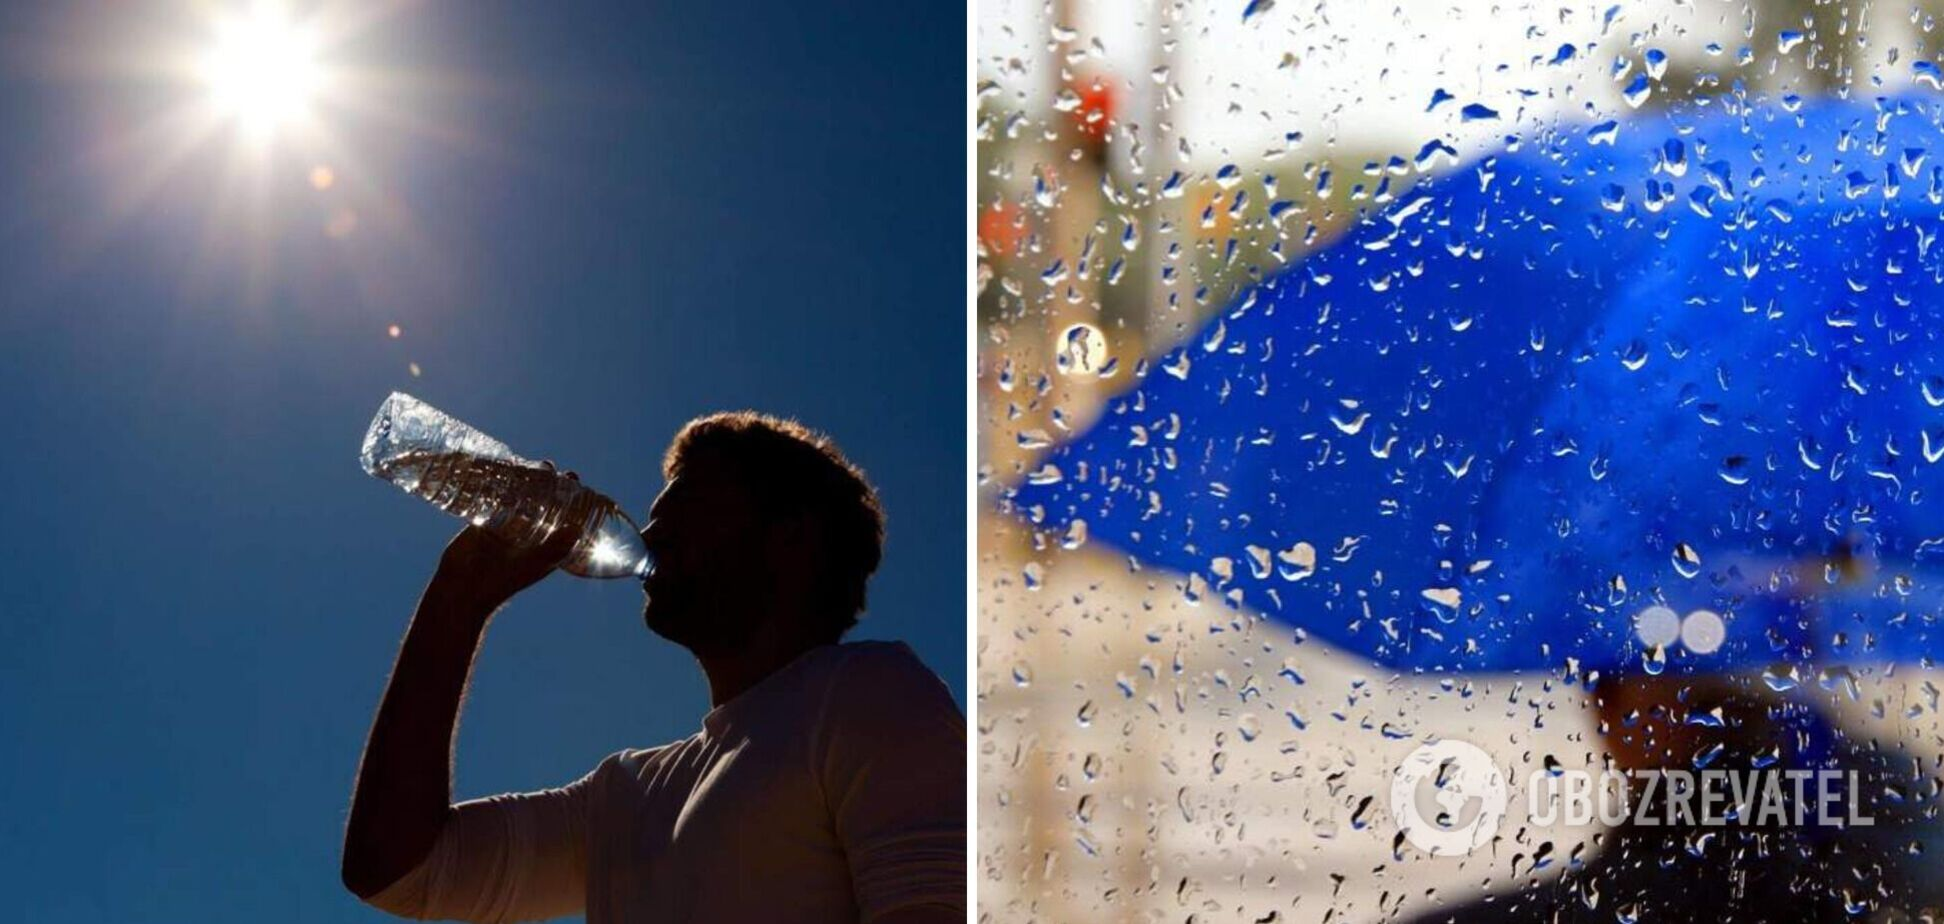 Жара и новая волна похолодания: синоптик рассказала о погоде на неделю